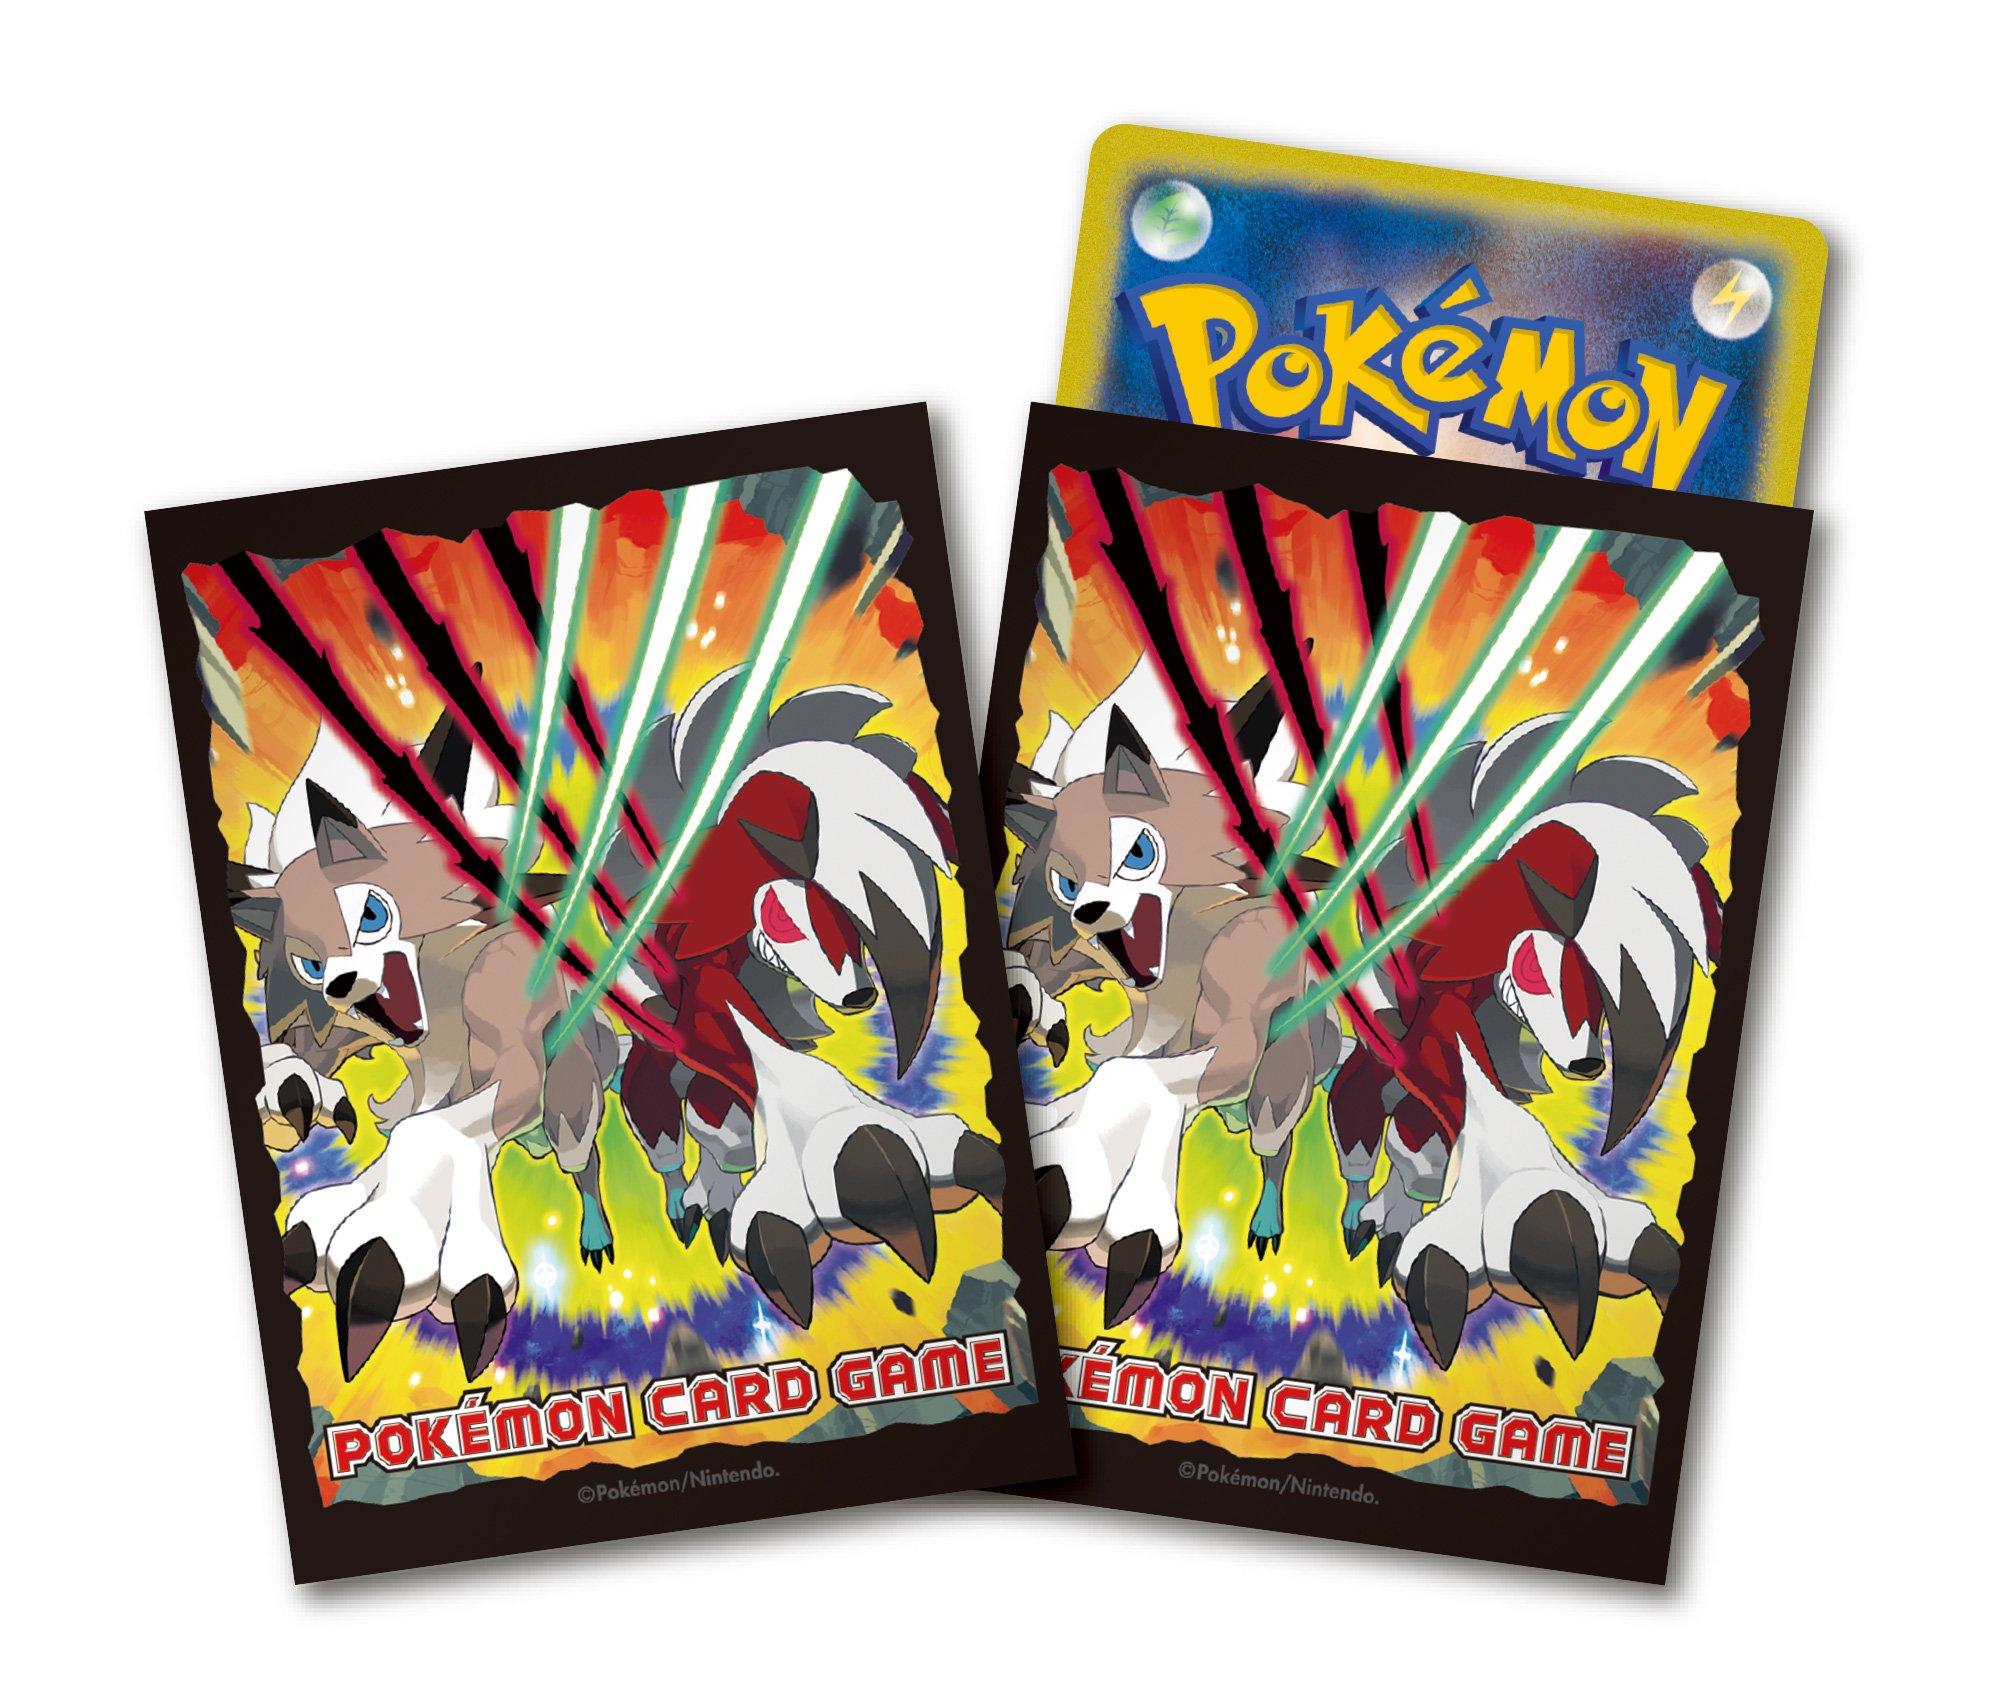 Pokèmon Juego de Cartas Escudo Cubierta Rugarugan: Amazon.es: Juguetes y juegos